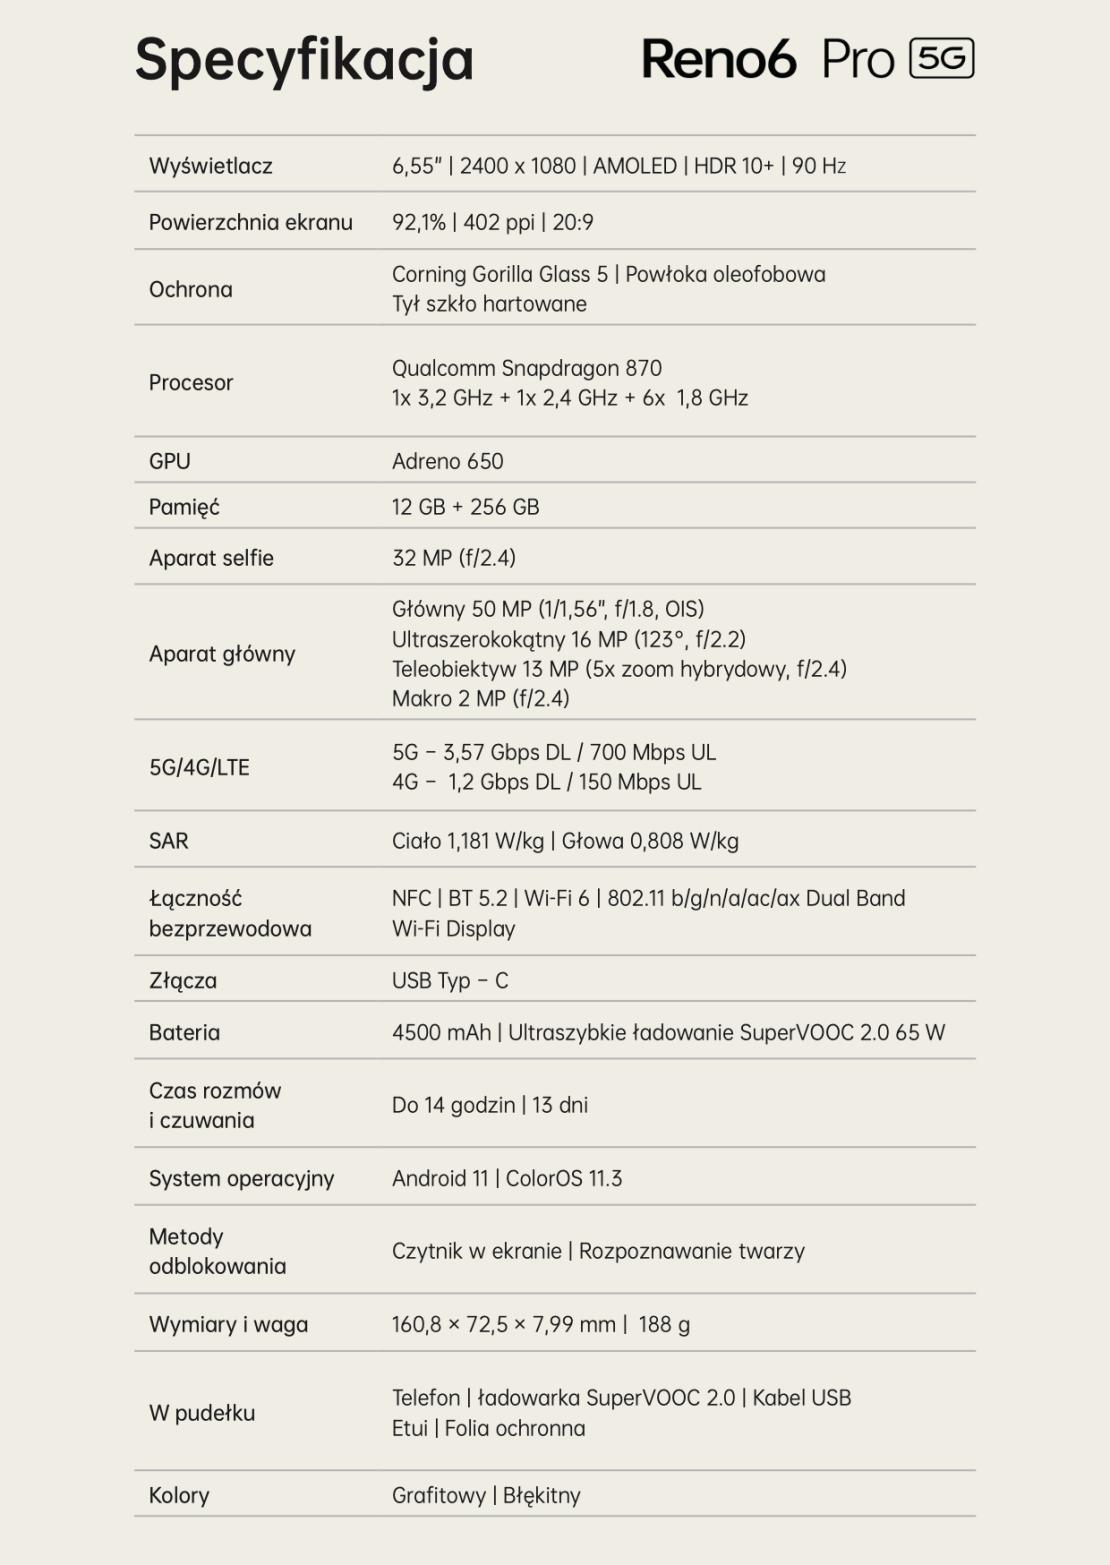 Specyfikacja techniczna OPPO Reno6 Pro 5G